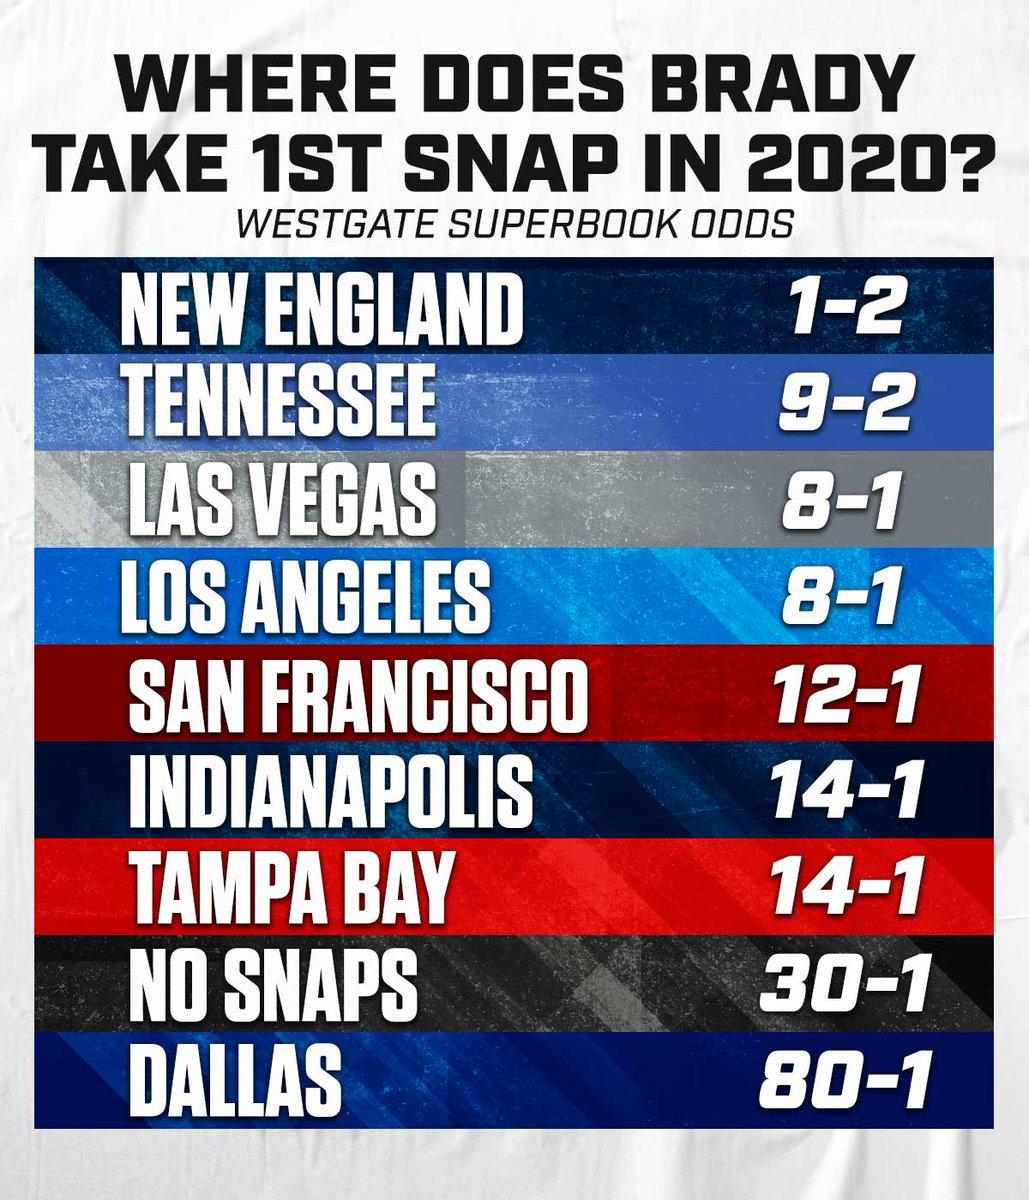 Tom Brady will be wearing a _______  jersey in 2020.  pic.twitter.com/xVB4letX4z